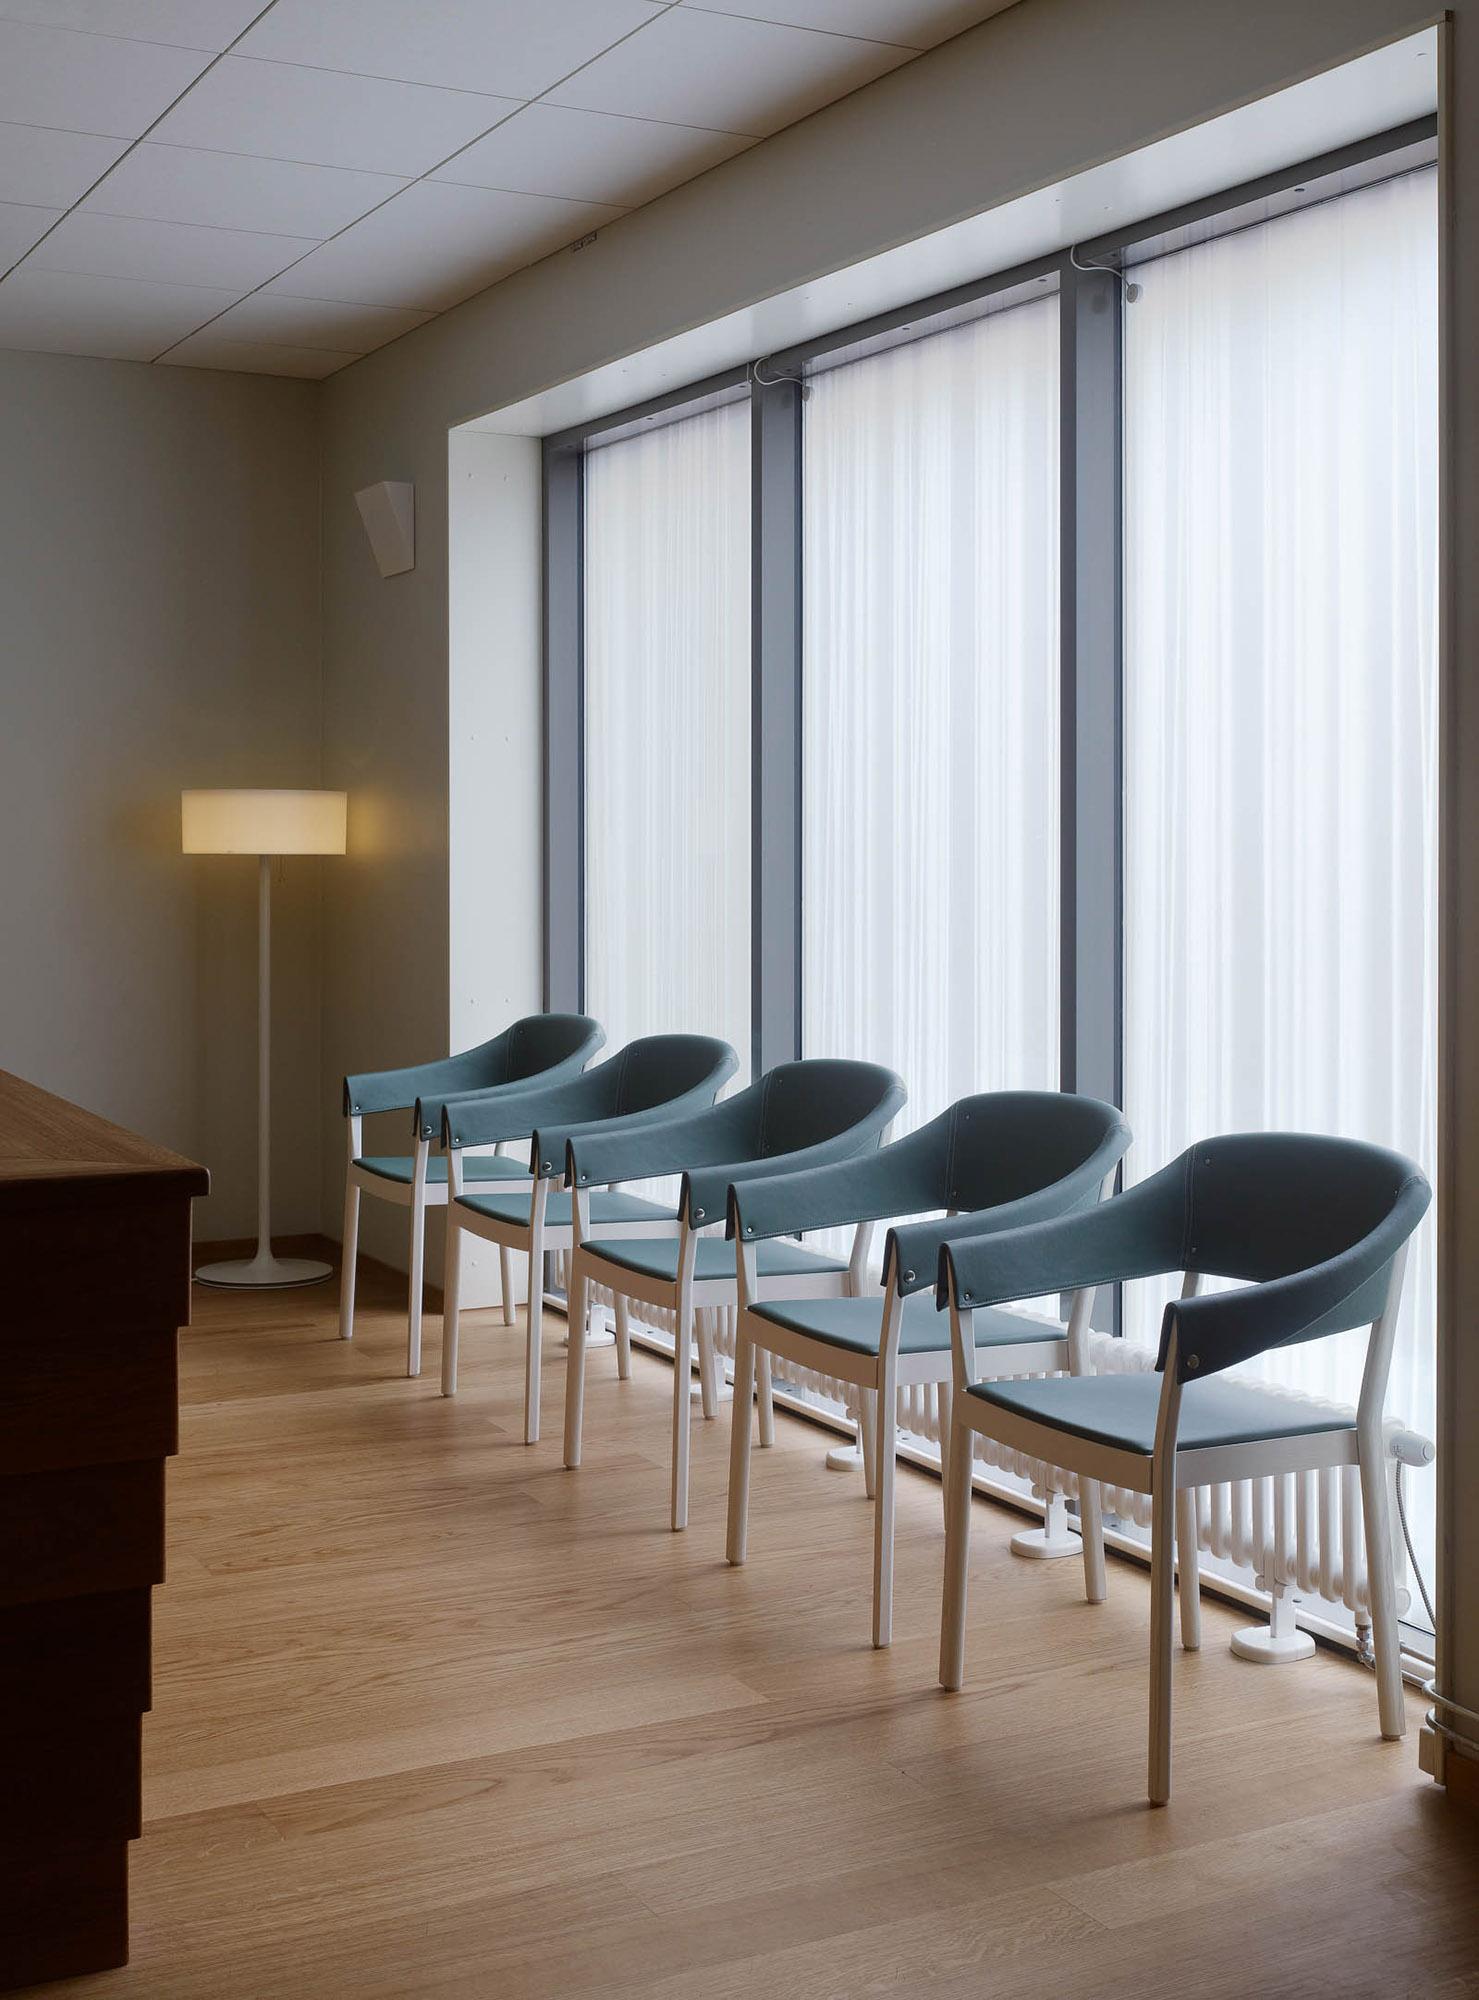 Gröna stolar längs väggen i avskedsrummet. Ingegerd Råman, Crystal Curtain (2013)